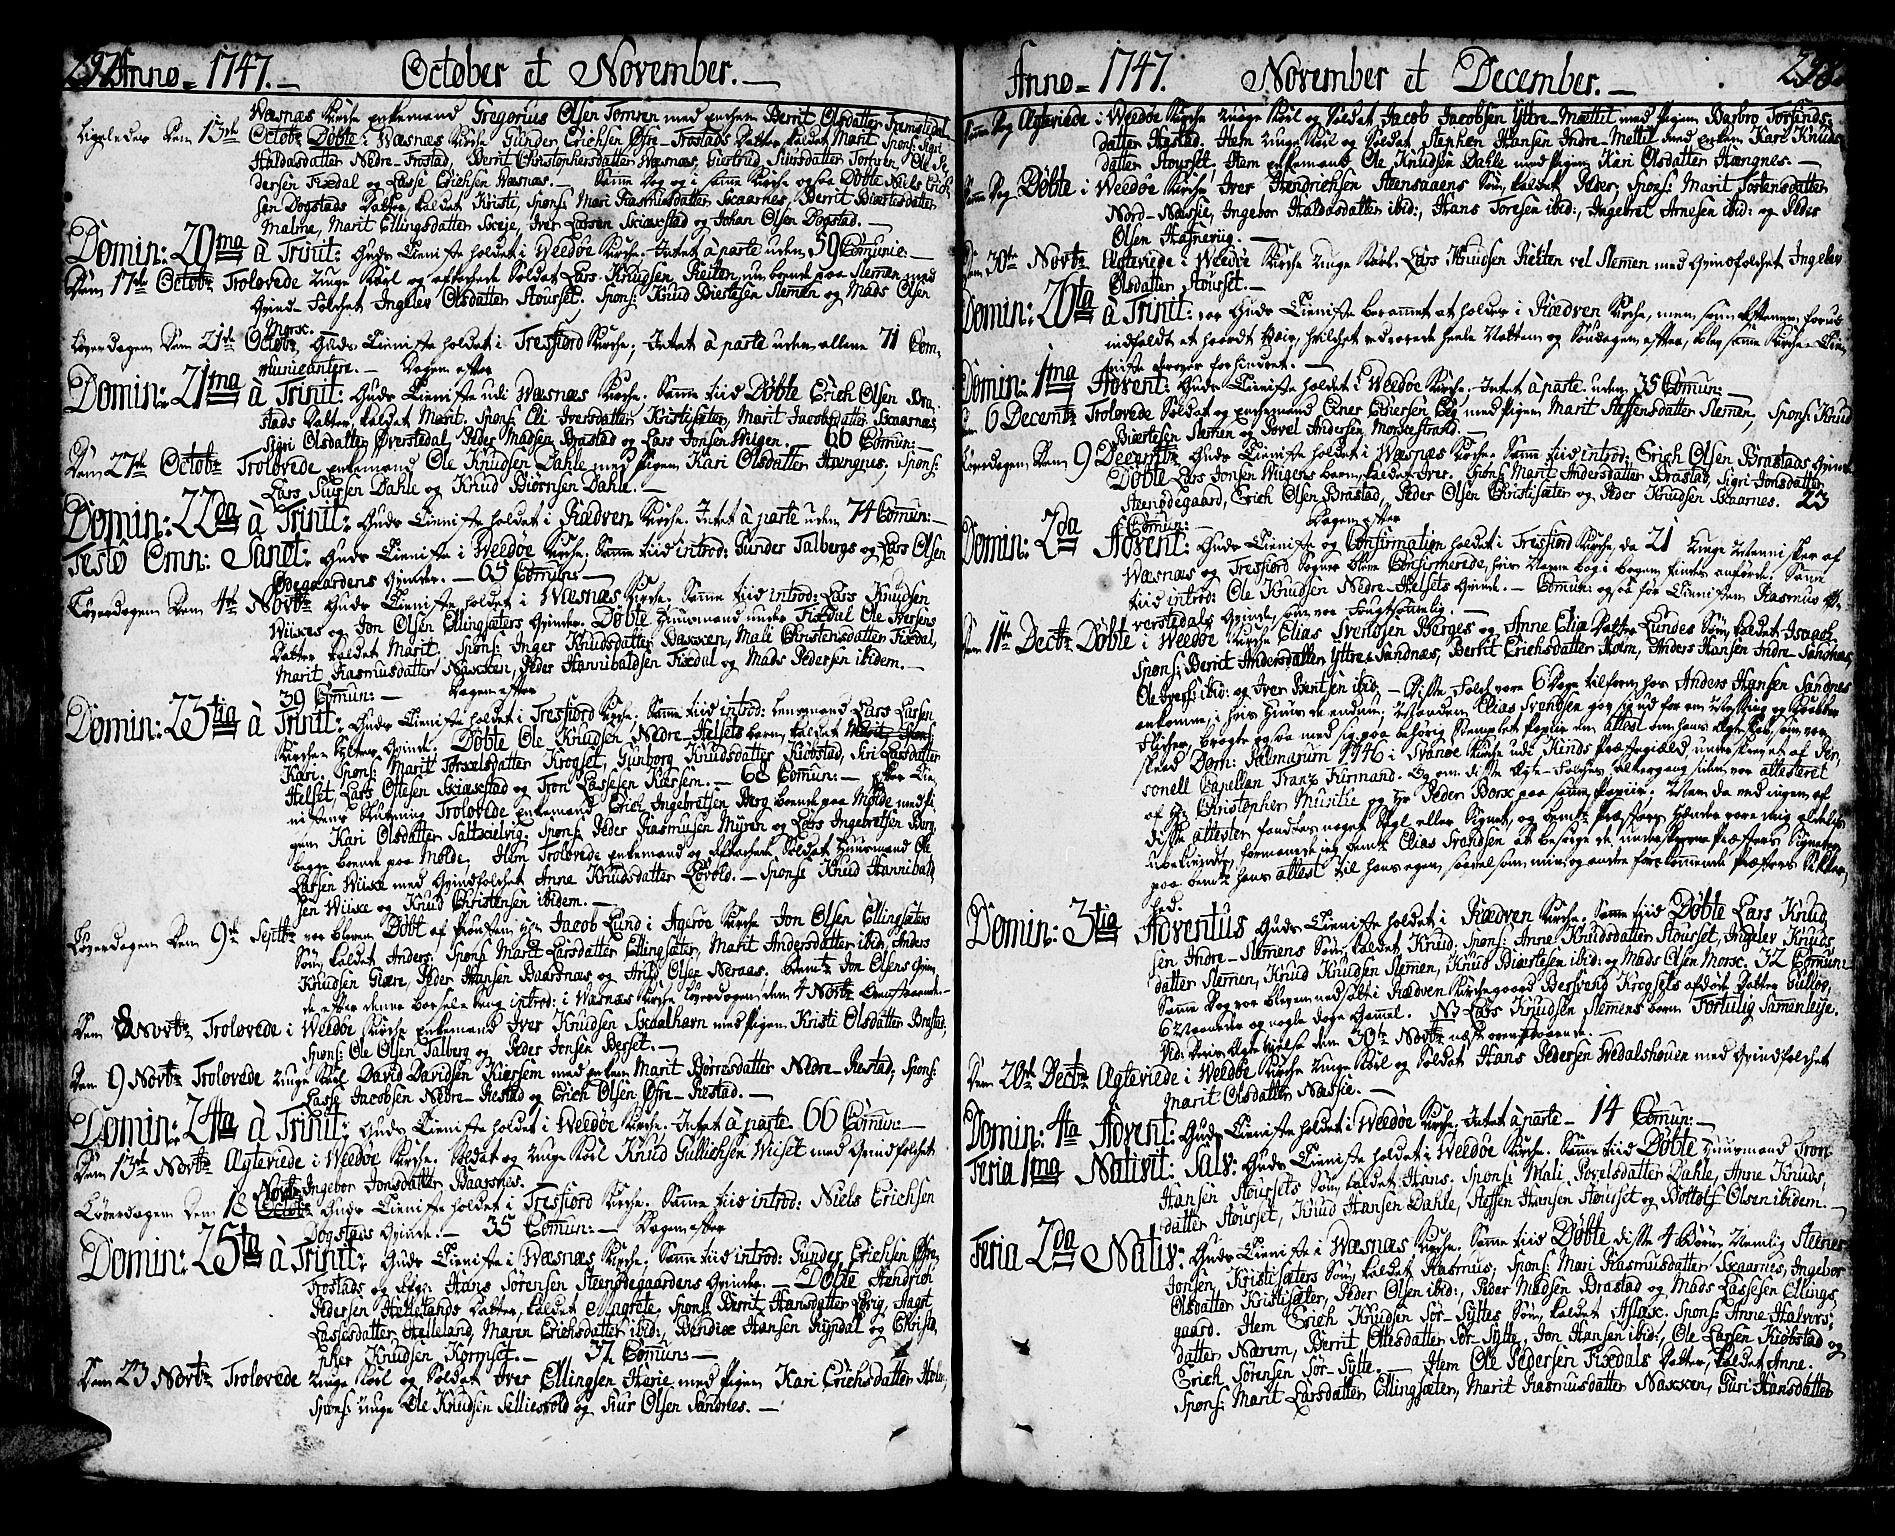 SAT, Ministerialprotokoller, klokkerbøker og fødselsregistre - Møre og Romsdal, 547/L0599: Ministerialbok nr. 547A01, 1721-1764, s. 296-297